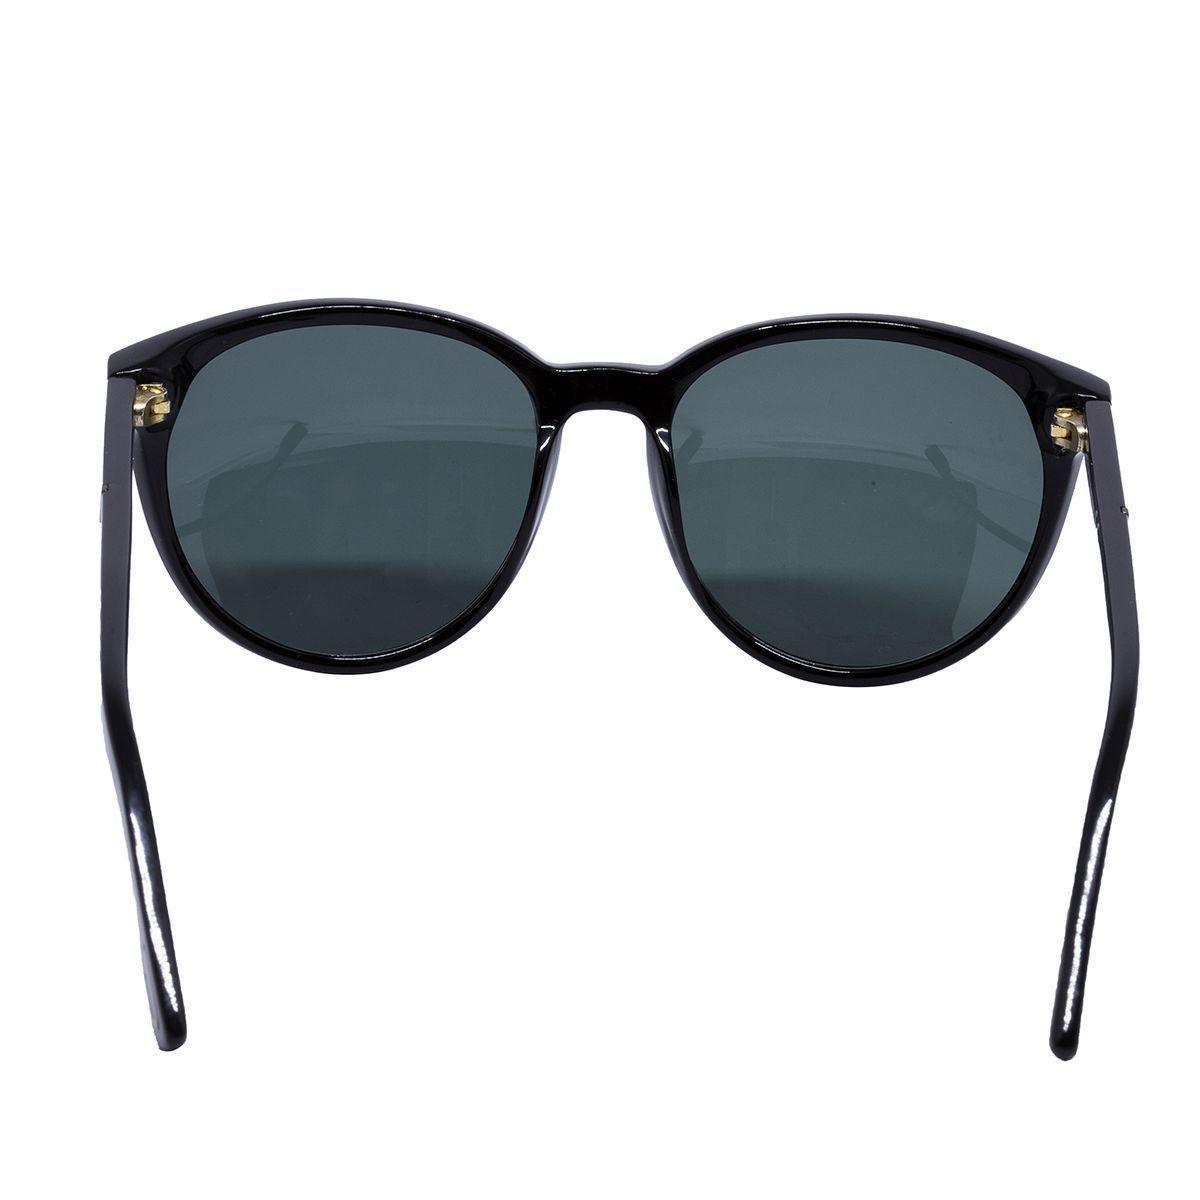 Óculos de Sol Diesel Feminino DL0123 - Acetato Preto e Lente Cinza. R   460,00 à vista. Adicionar à sacola ba1033e88a